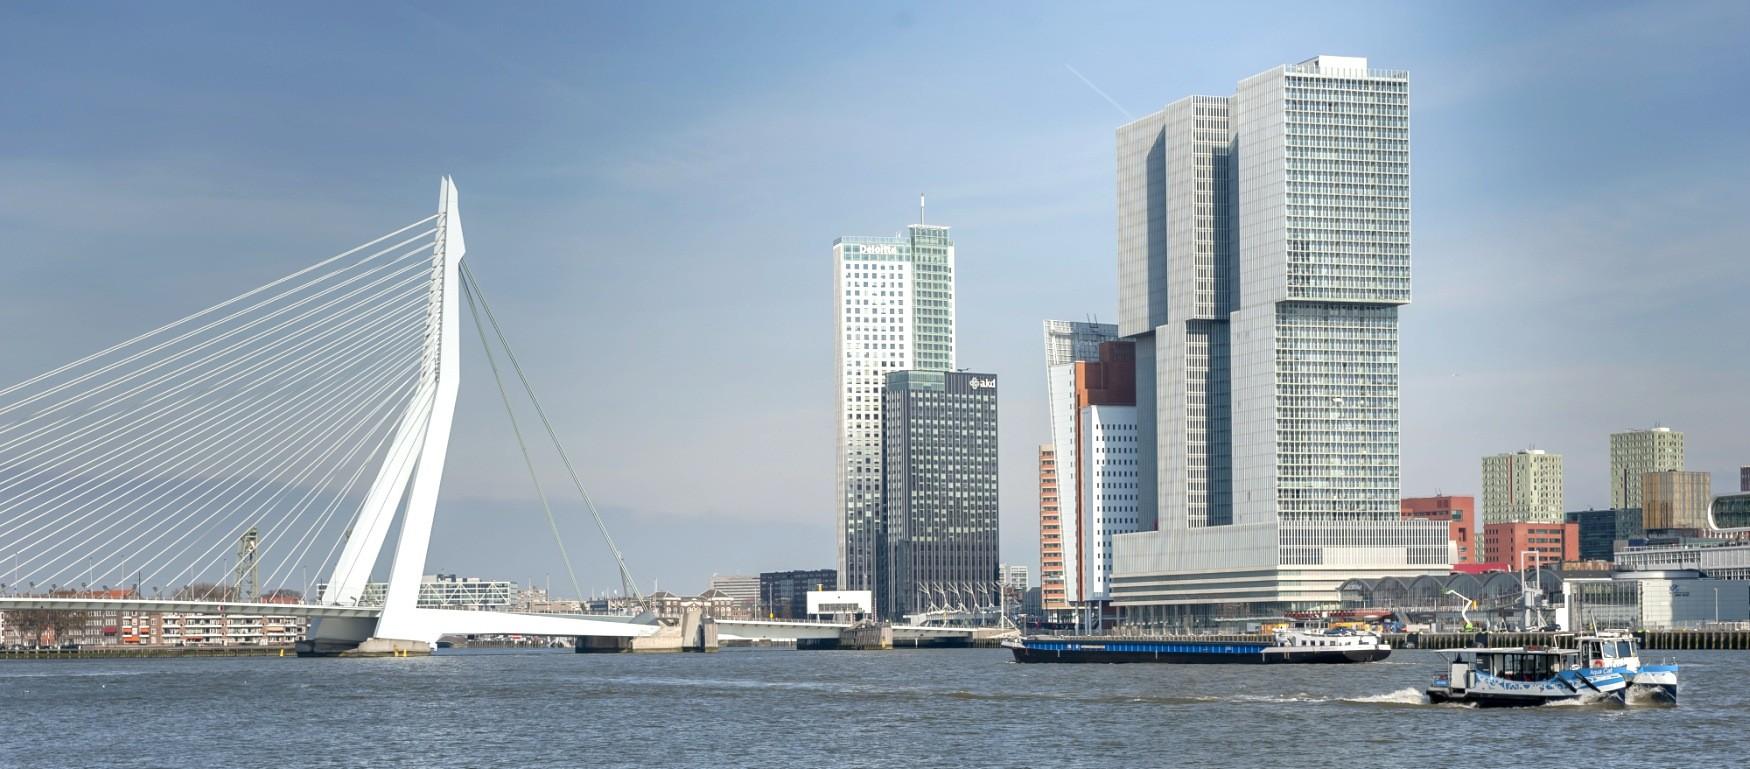 Gemeente Rotterdam kiest de combinatie Protinus IT – Insight Enterprises B.V. als preferred supplier in aanbesteding 'Levering van Standaardsoftware & Gerelateerde Dienstverlening'